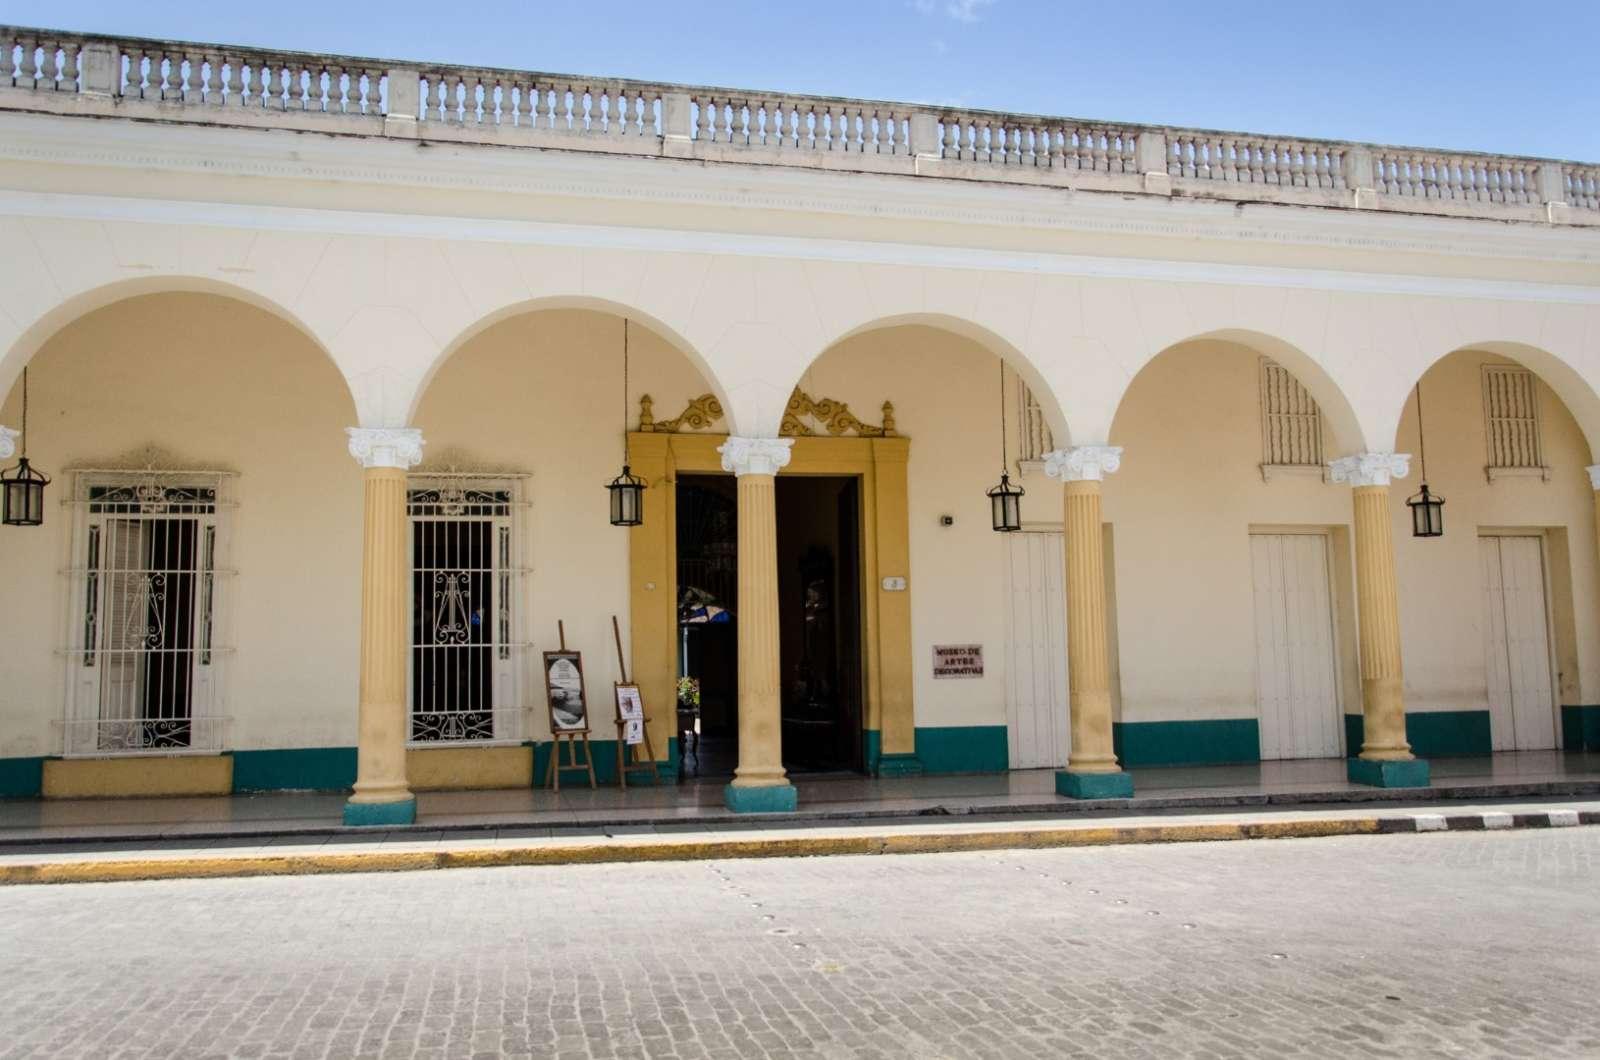 Museum of the Decorative Arts in Santa Clara, Cuba